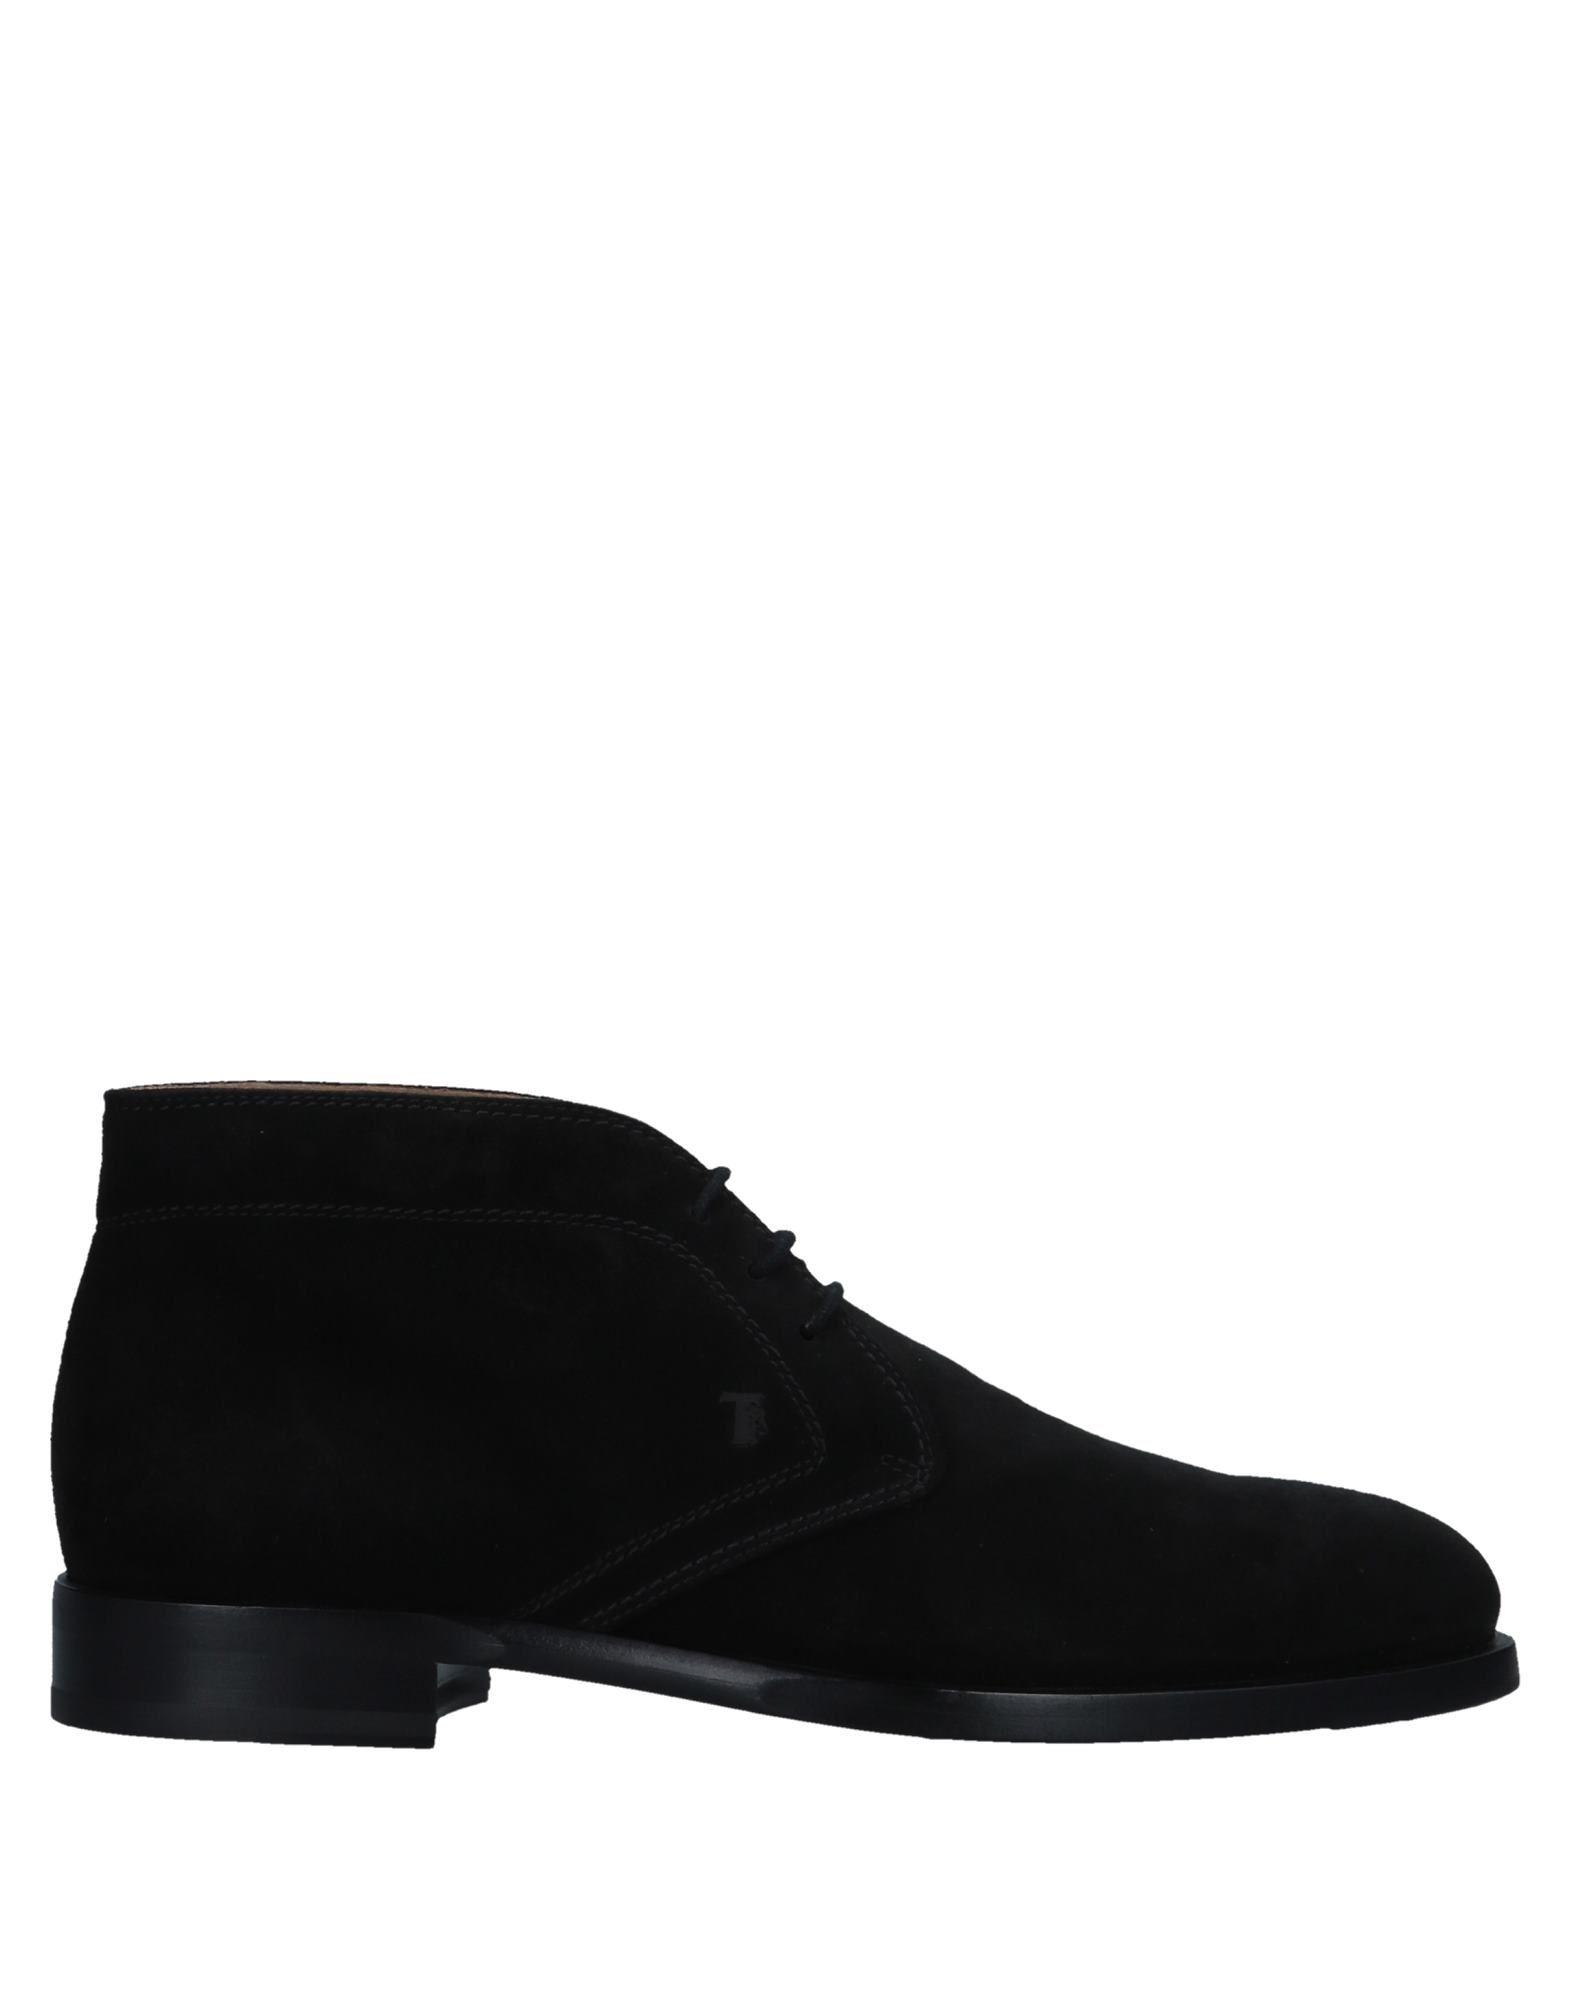 Tod's Stiefelette Herren  11541135UW Schuhe Gute Qualität beliebte Schuhe 11541135UW cc9c50